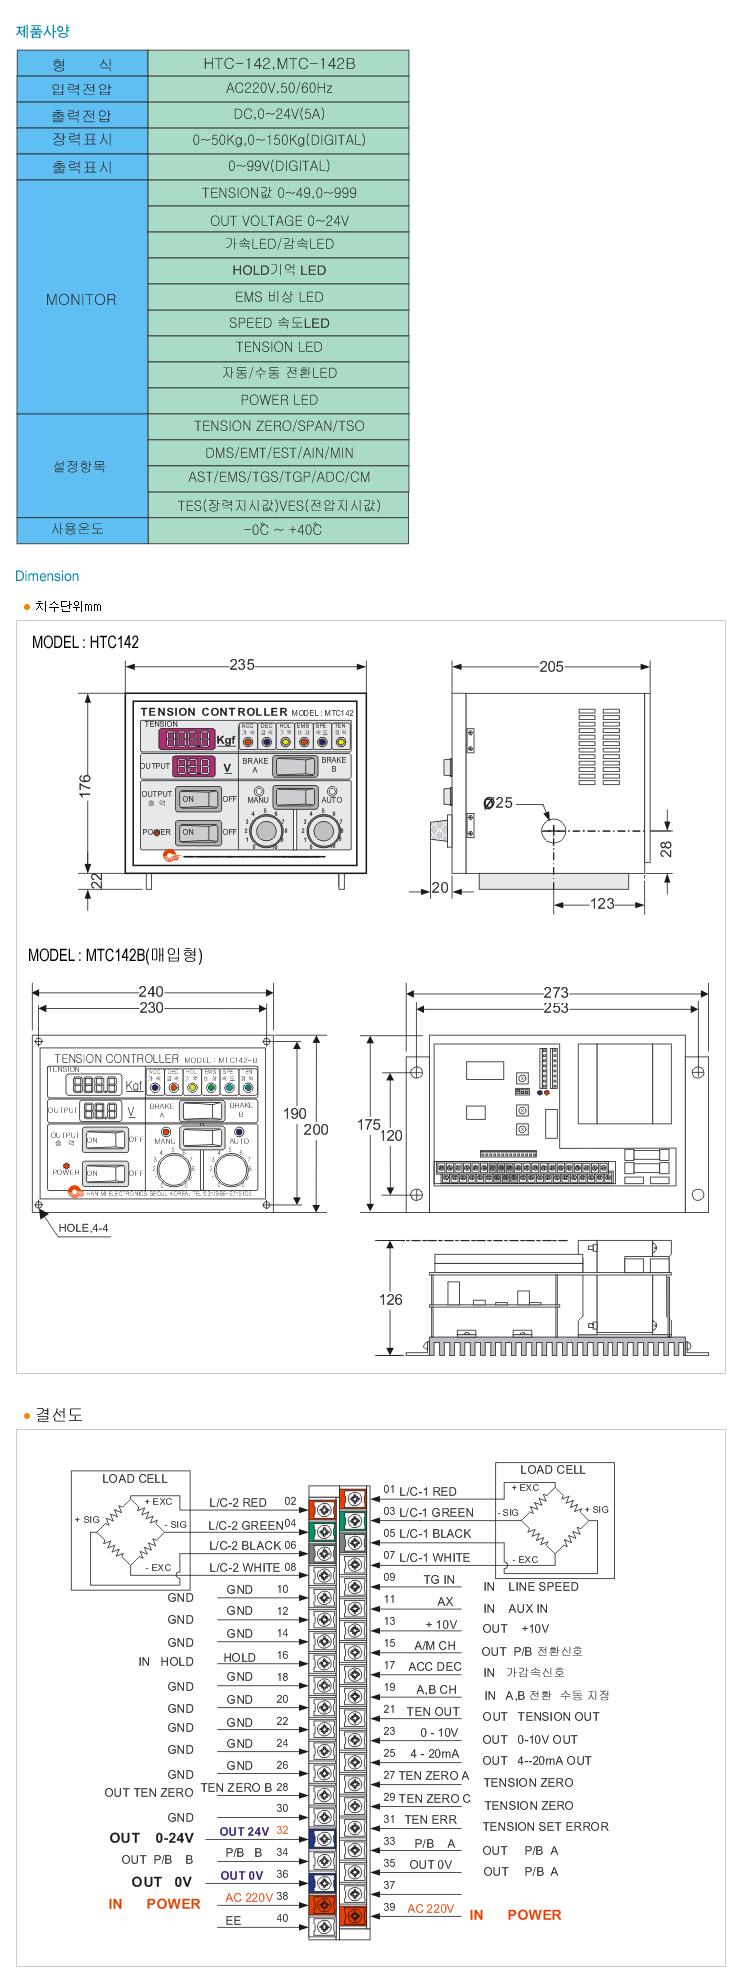 (주)한미전자제어 Auto Tension Control HTC142, MTC142B 1